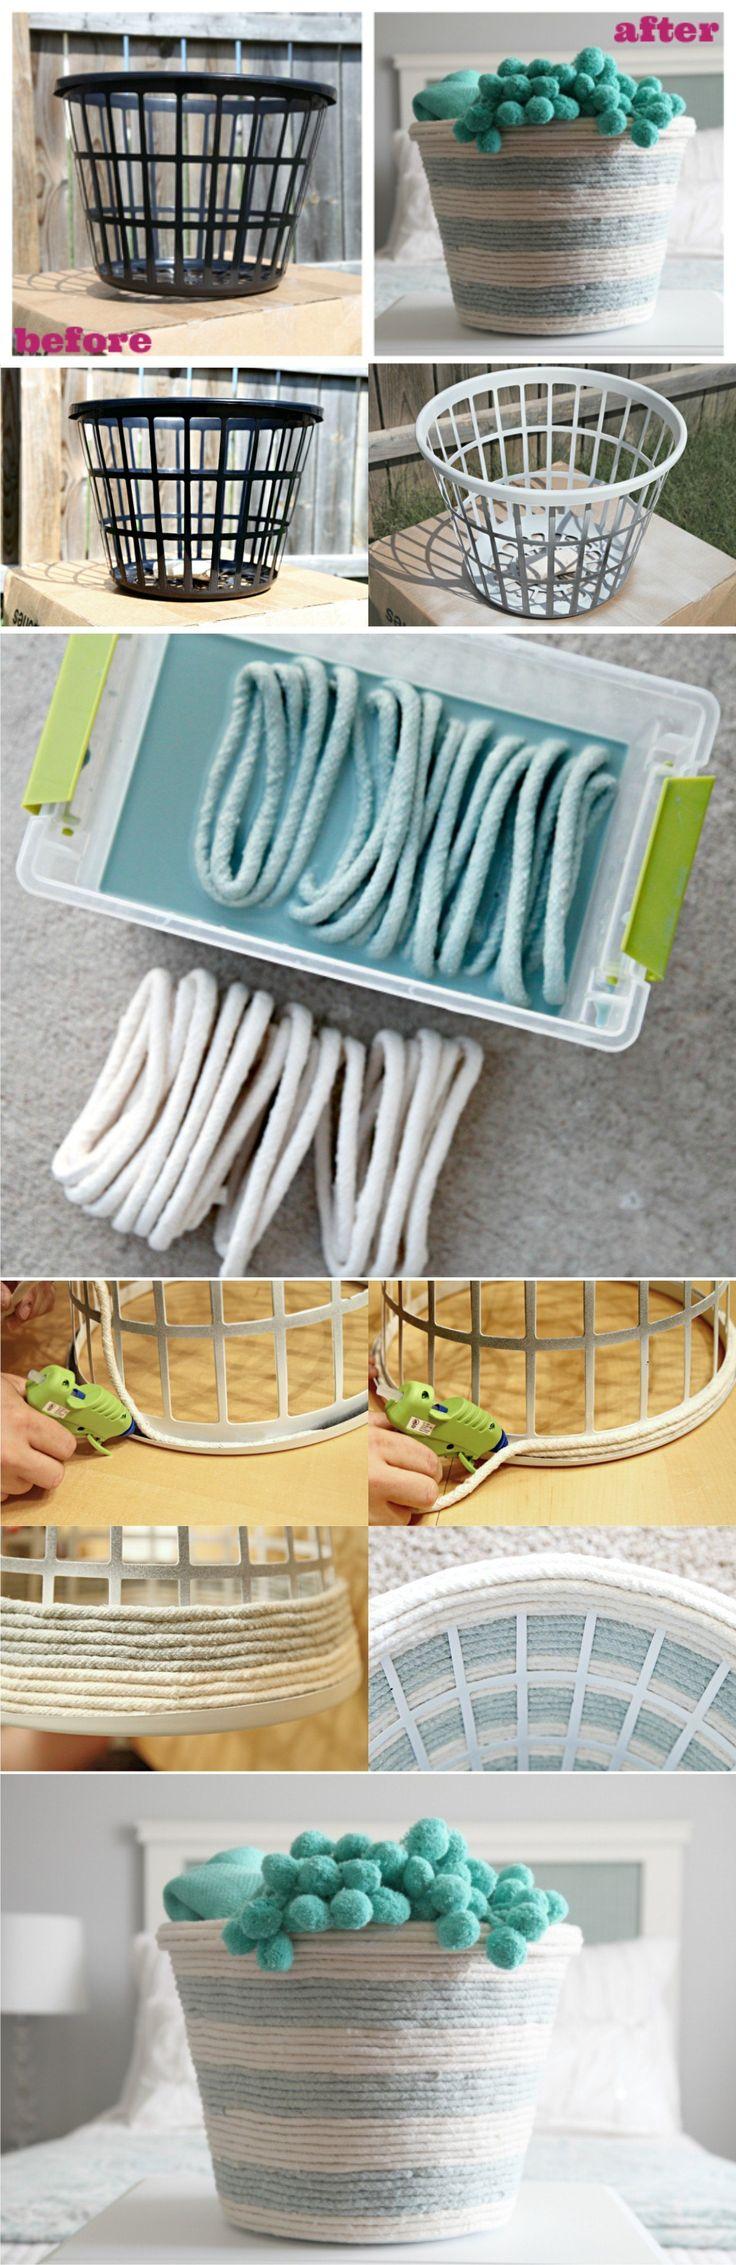 DIY Rope Basket - iheartorganizing.com - Cesta DIY con cuerda